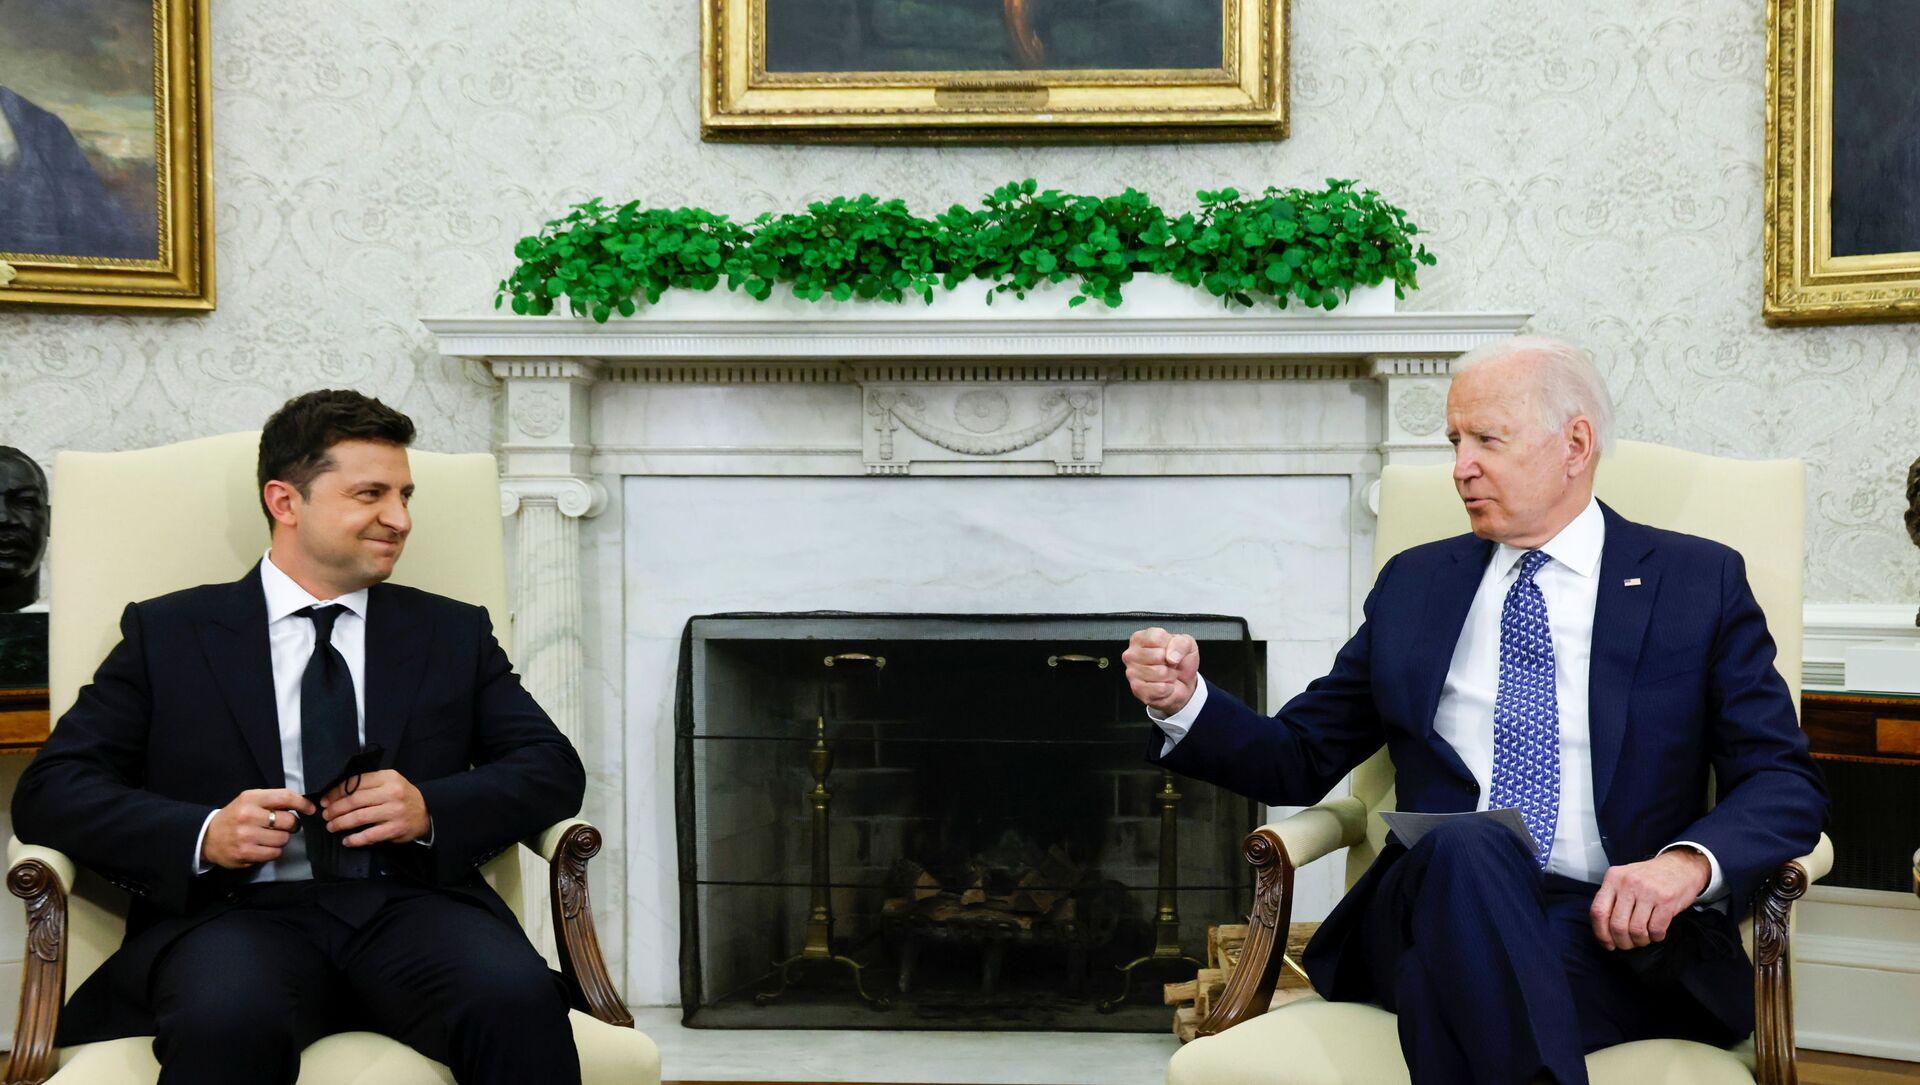 Tổng thống Hoa Kỳ Joe Biden gặp Tổng thống Ukraina Vladimir Zelensky tại Phòng Bầu dục Nhà Trắng ở Washington, Hoa Kỳ, ngày 1/9/2021 - Sputnik Việt Nam, 1920, 02.09.2021